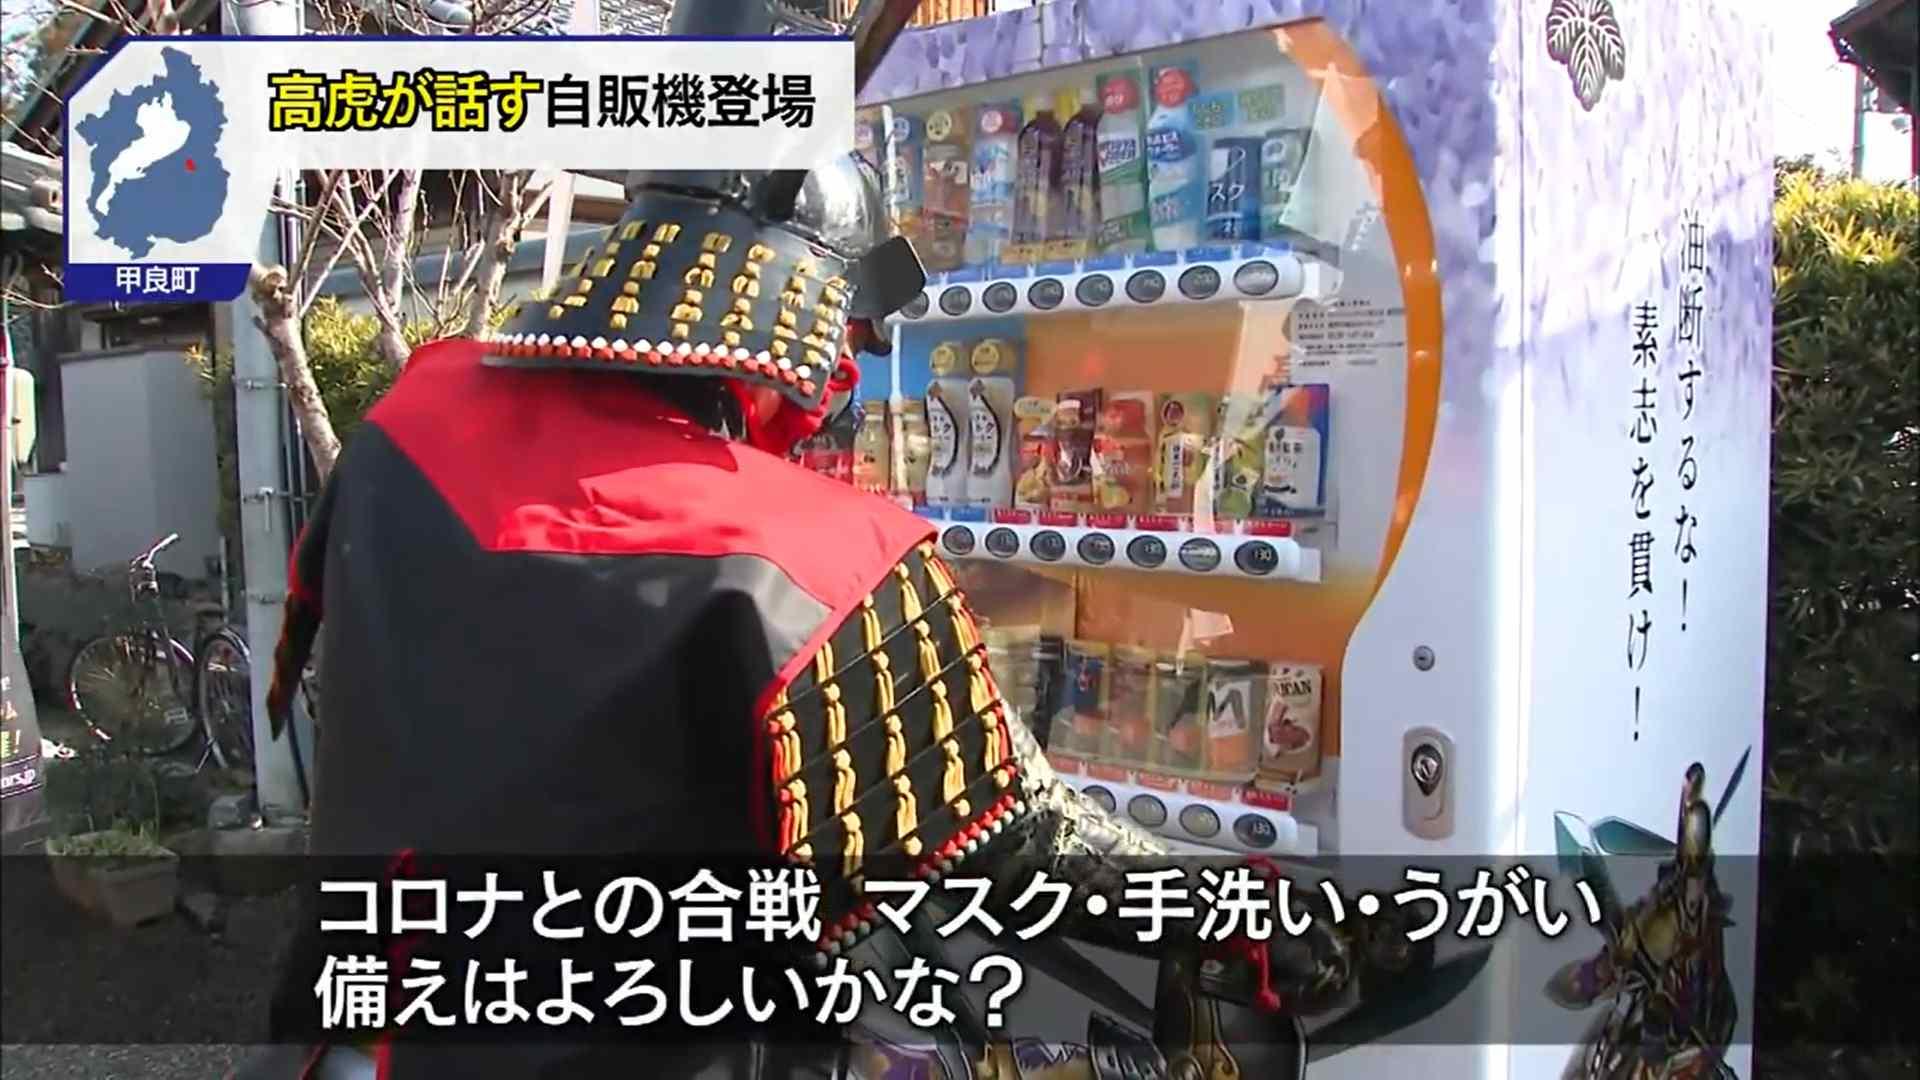 distributore samurai